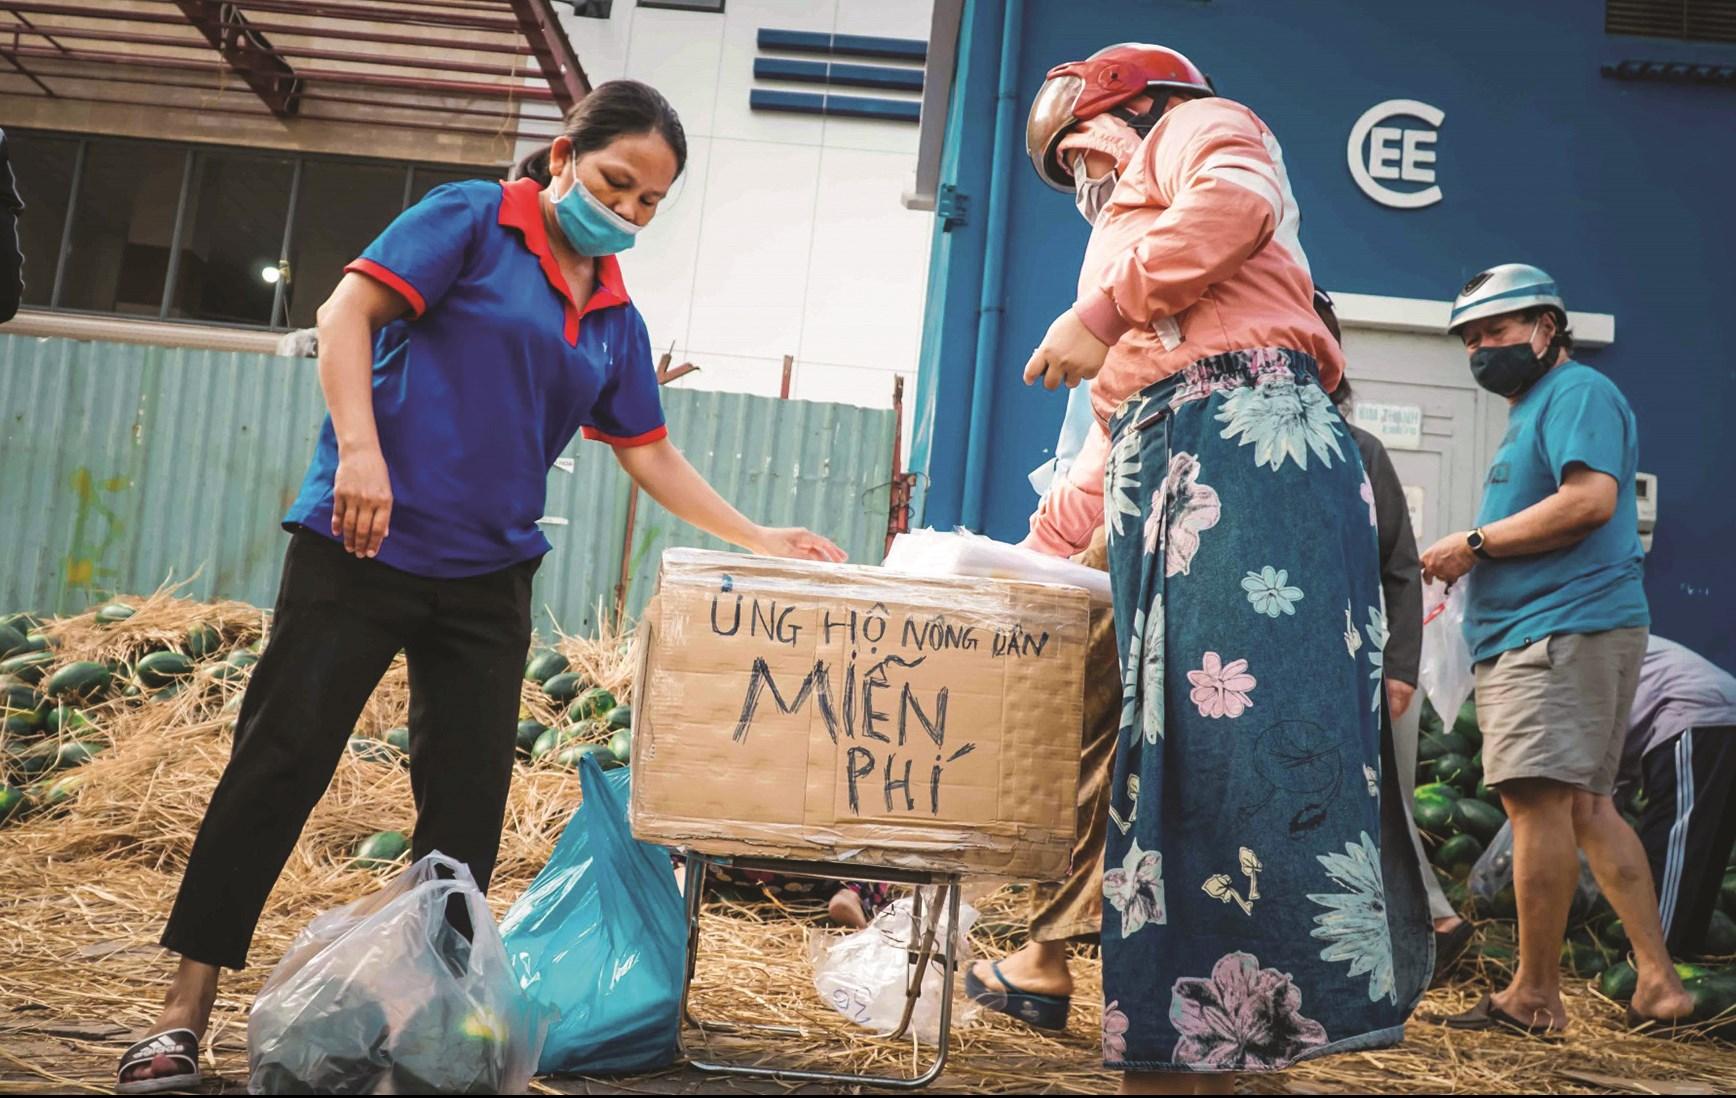 Người dân phát dưa hấu miễn phí ở TP. Hồ Chí Minh